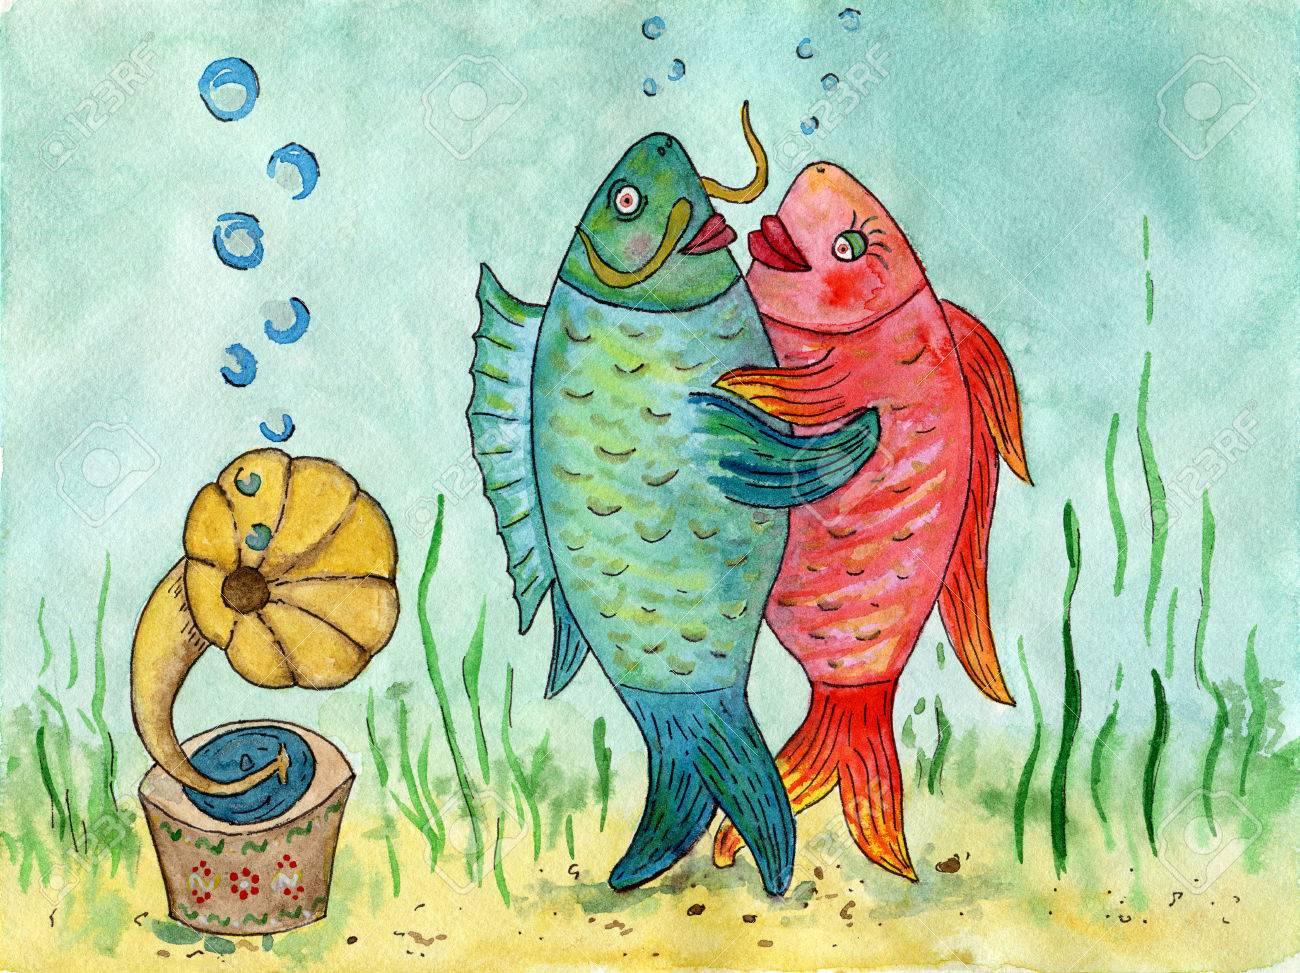 Venüs Balık burcunda: Romantik günler başlasın